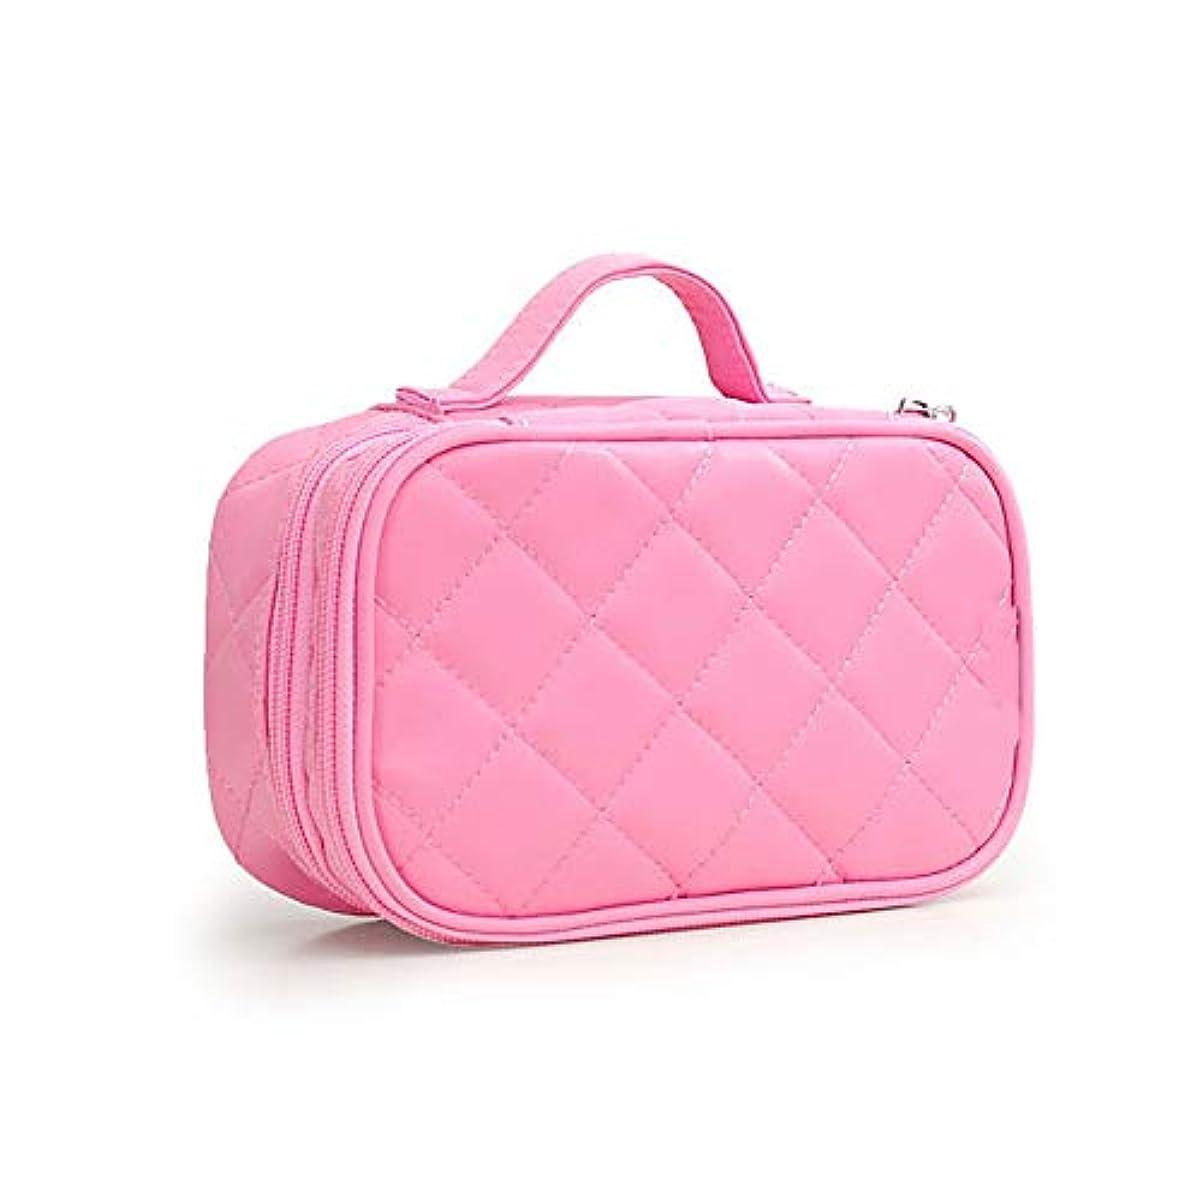 葉を集めるトマト定義化粧オーガナイザーバッグ 女性の化粧品バッグのポータブル韓国語バージョン創造的な ナイロン防水洗浄バッグ。 化粧品ケース (色 : ピンク)